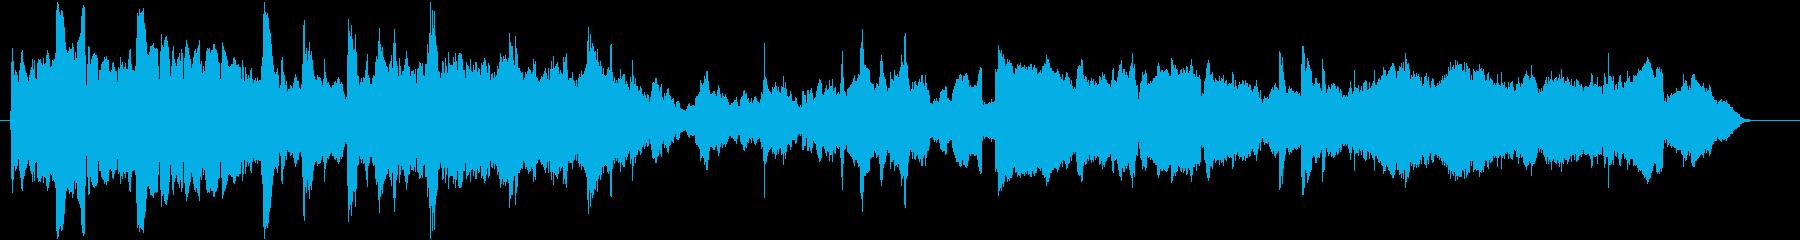 ラヴェル 「マ・メール・ロワ」パヴァーヌの再生済みの波形